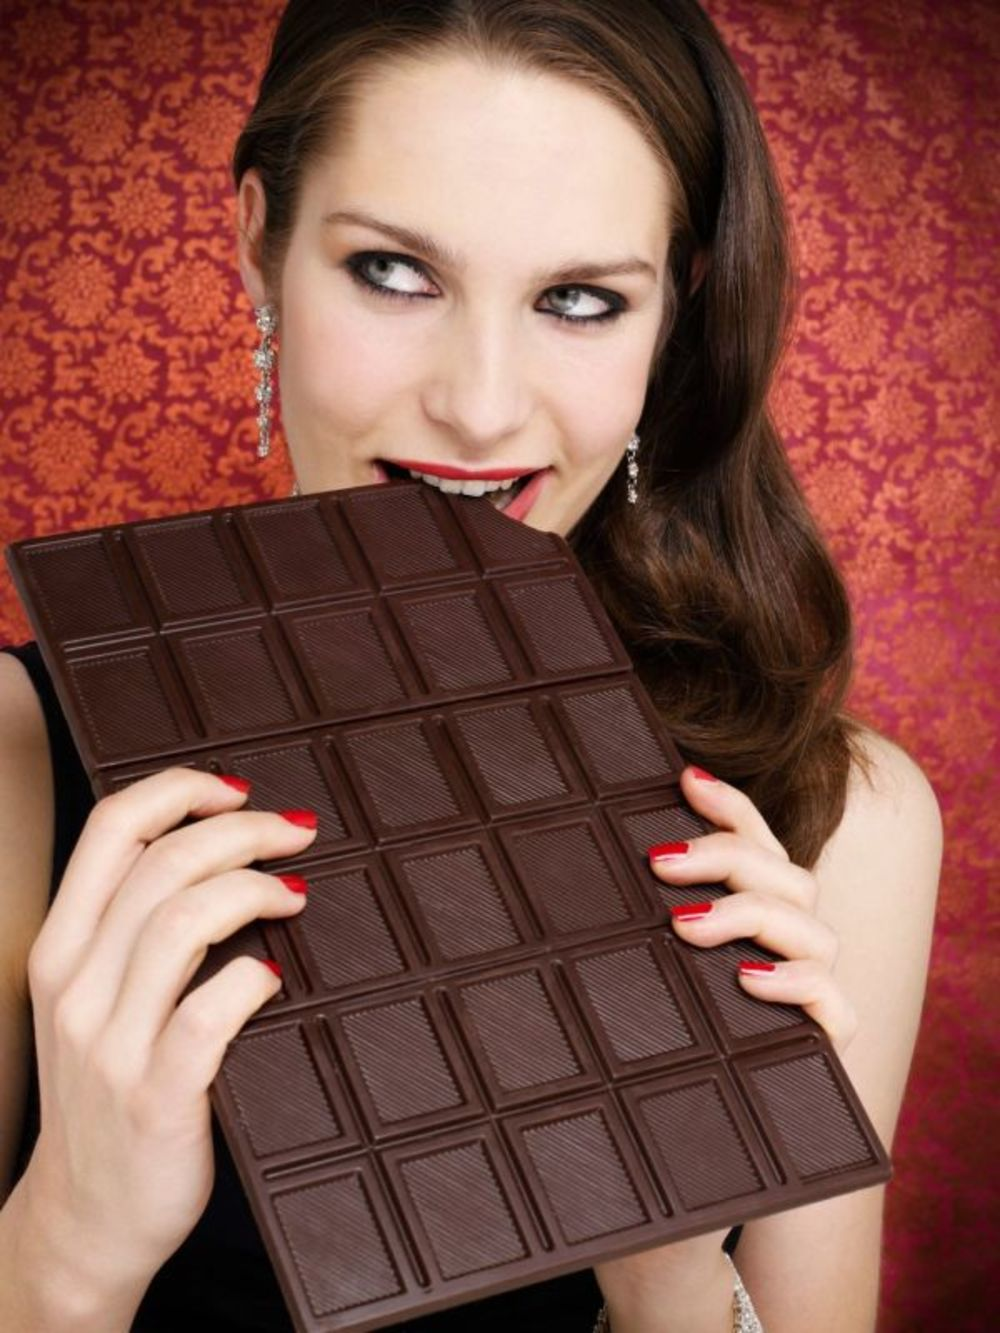 Смешная картинка шоколад